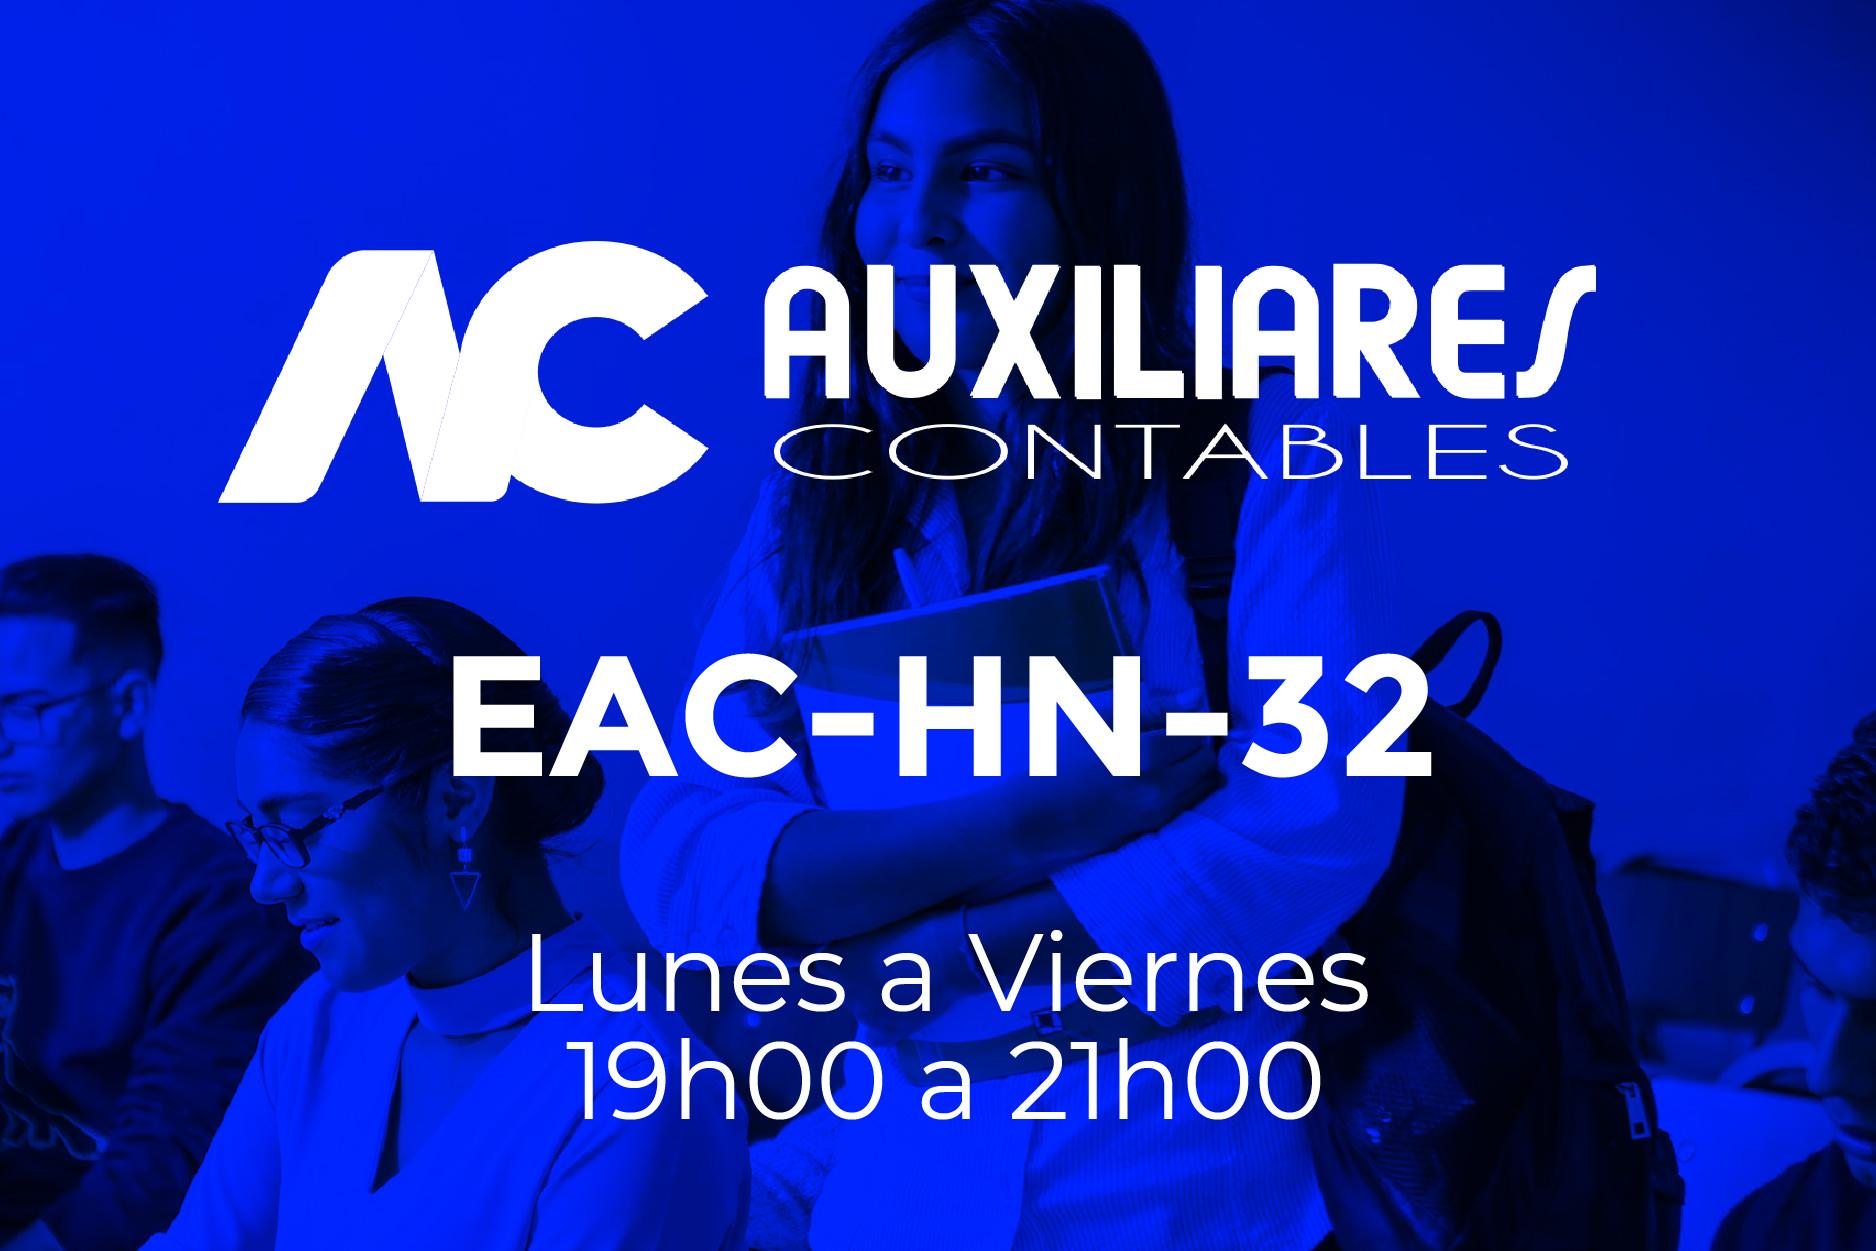 32 - AUXILIARES CONTABLES - LUNES A VIERNES - 19:00 A 21:00